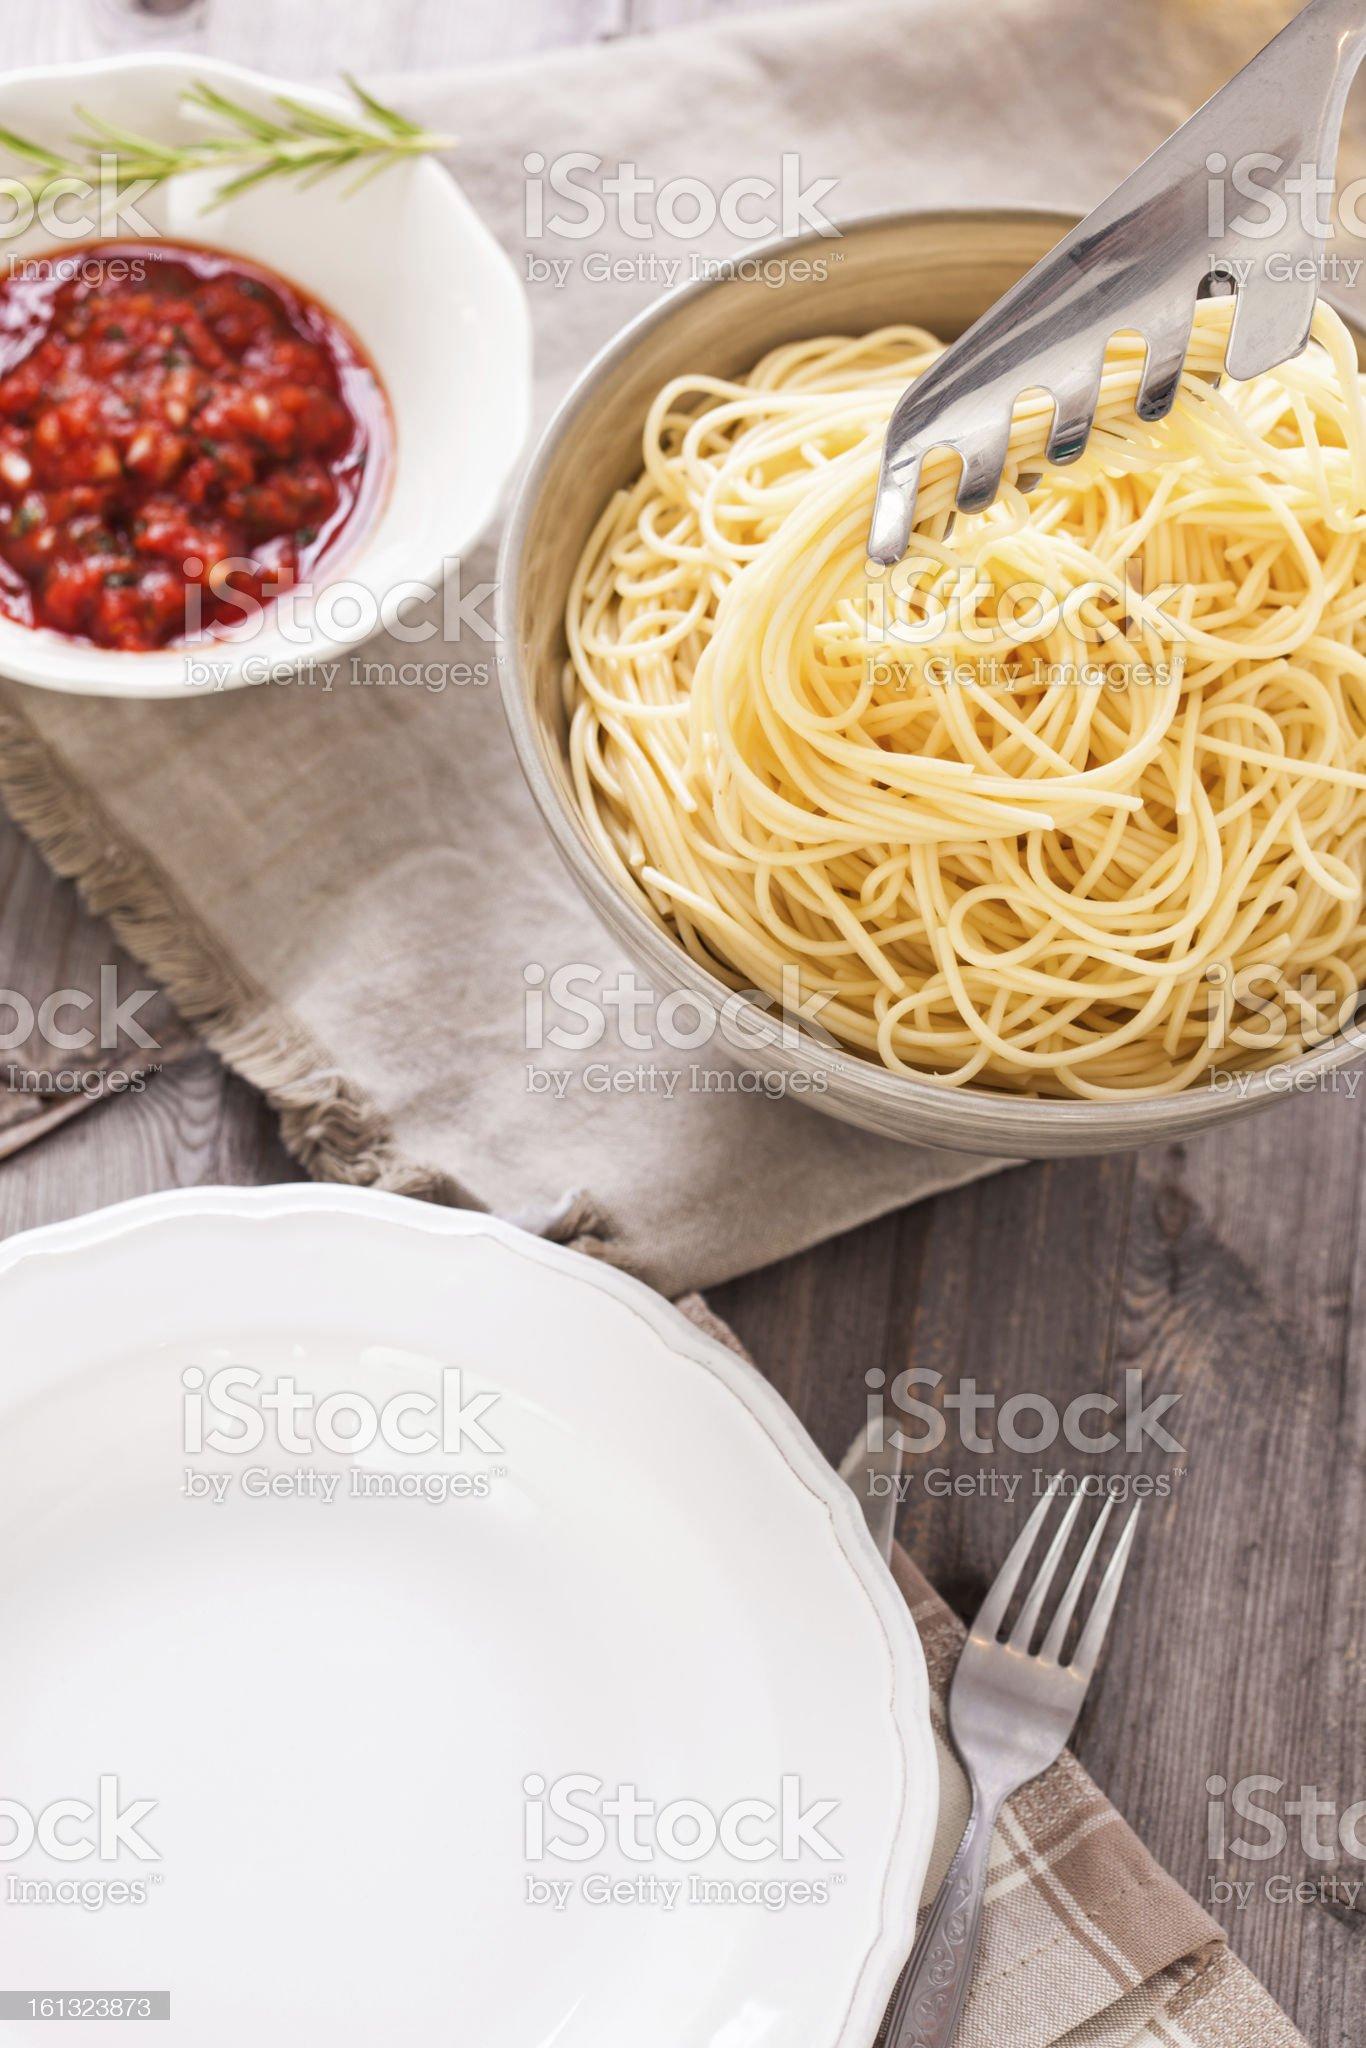 Spaghetti with Tomato Sauce royalty-free stock photo